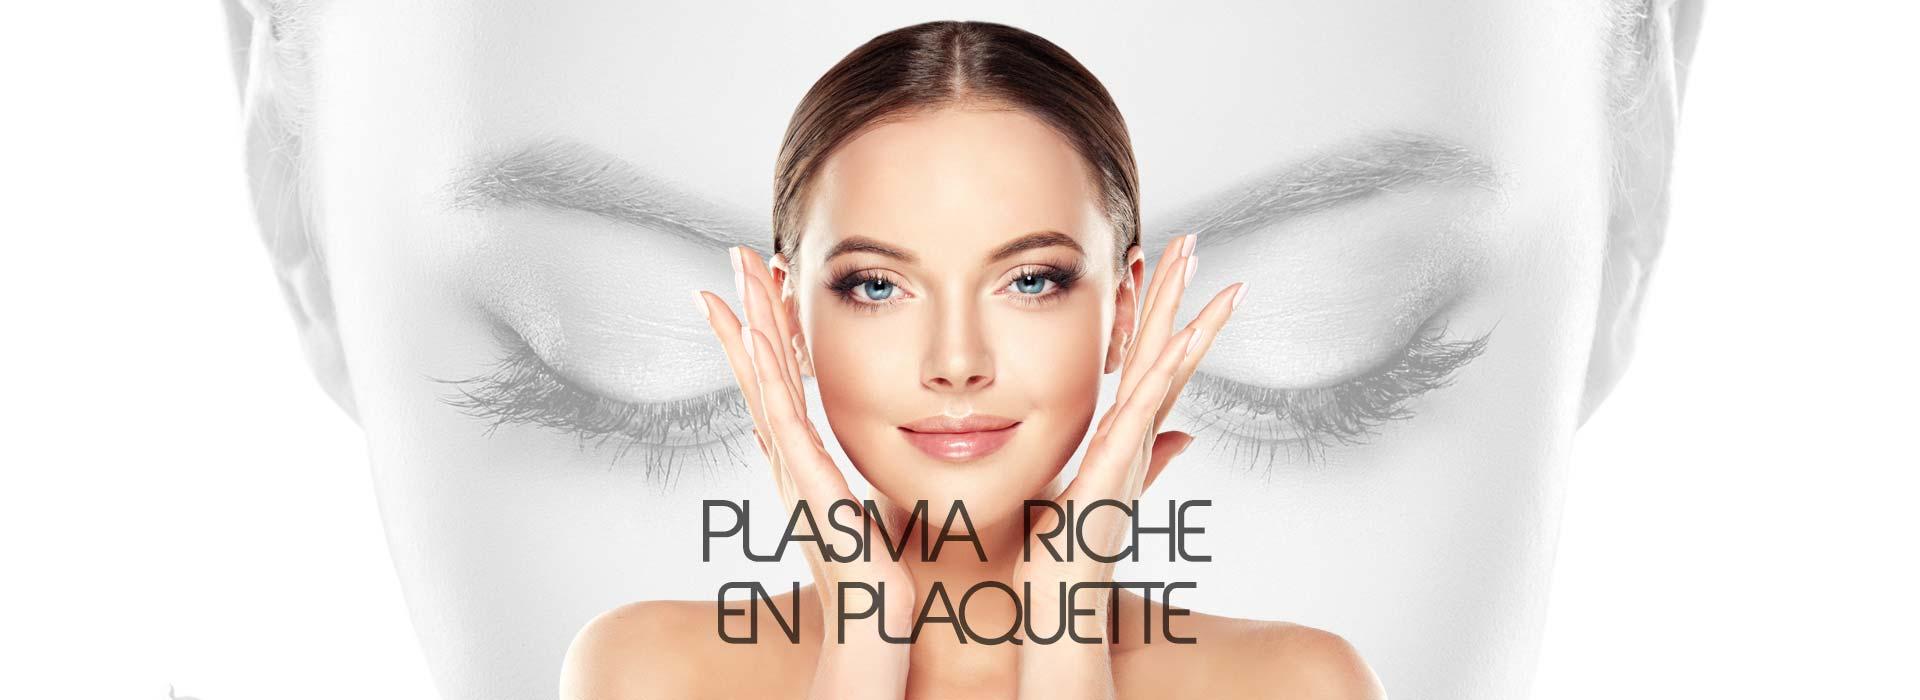 clinique-peause-soins-medico-esthetique-plasma-riche-en-plaquette